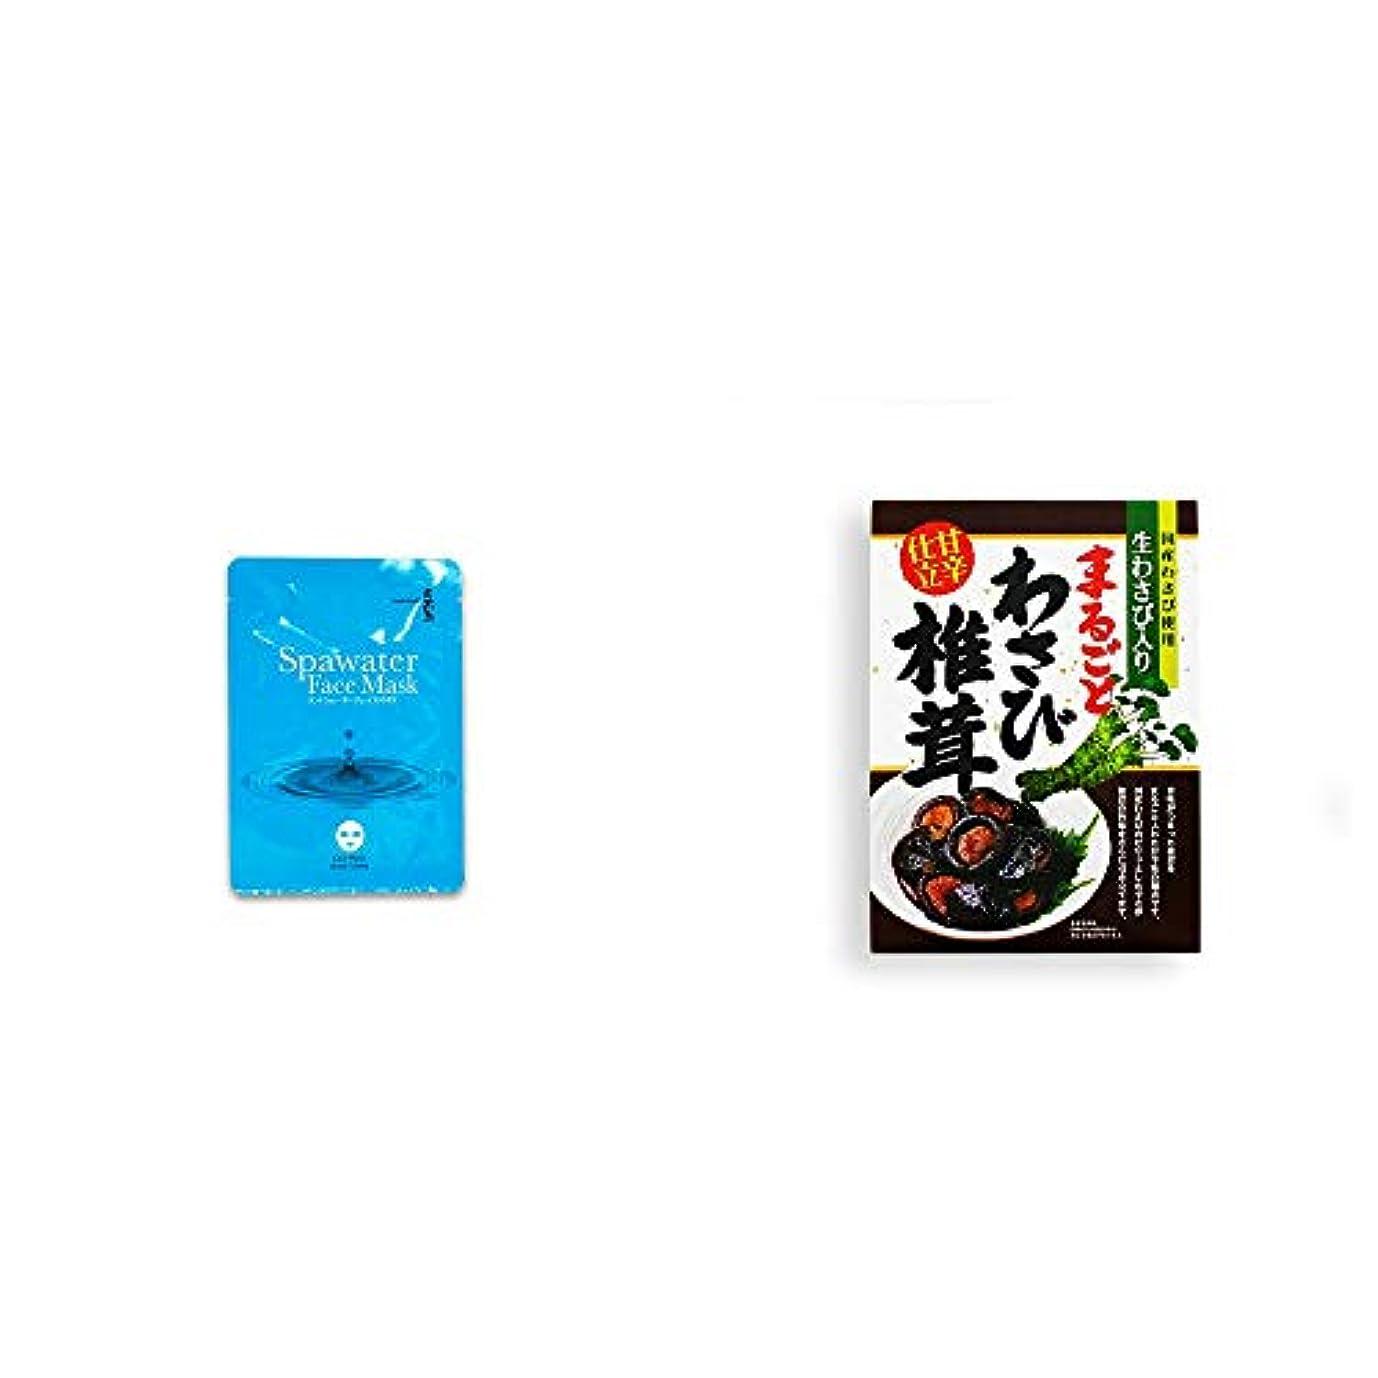 遠足フォアマンアジテーション[2点セット] ひのき炭黒泉 スパウォーターフェイスマスク(18ml×3枚入)?まるごとわさび椎茸(200g)